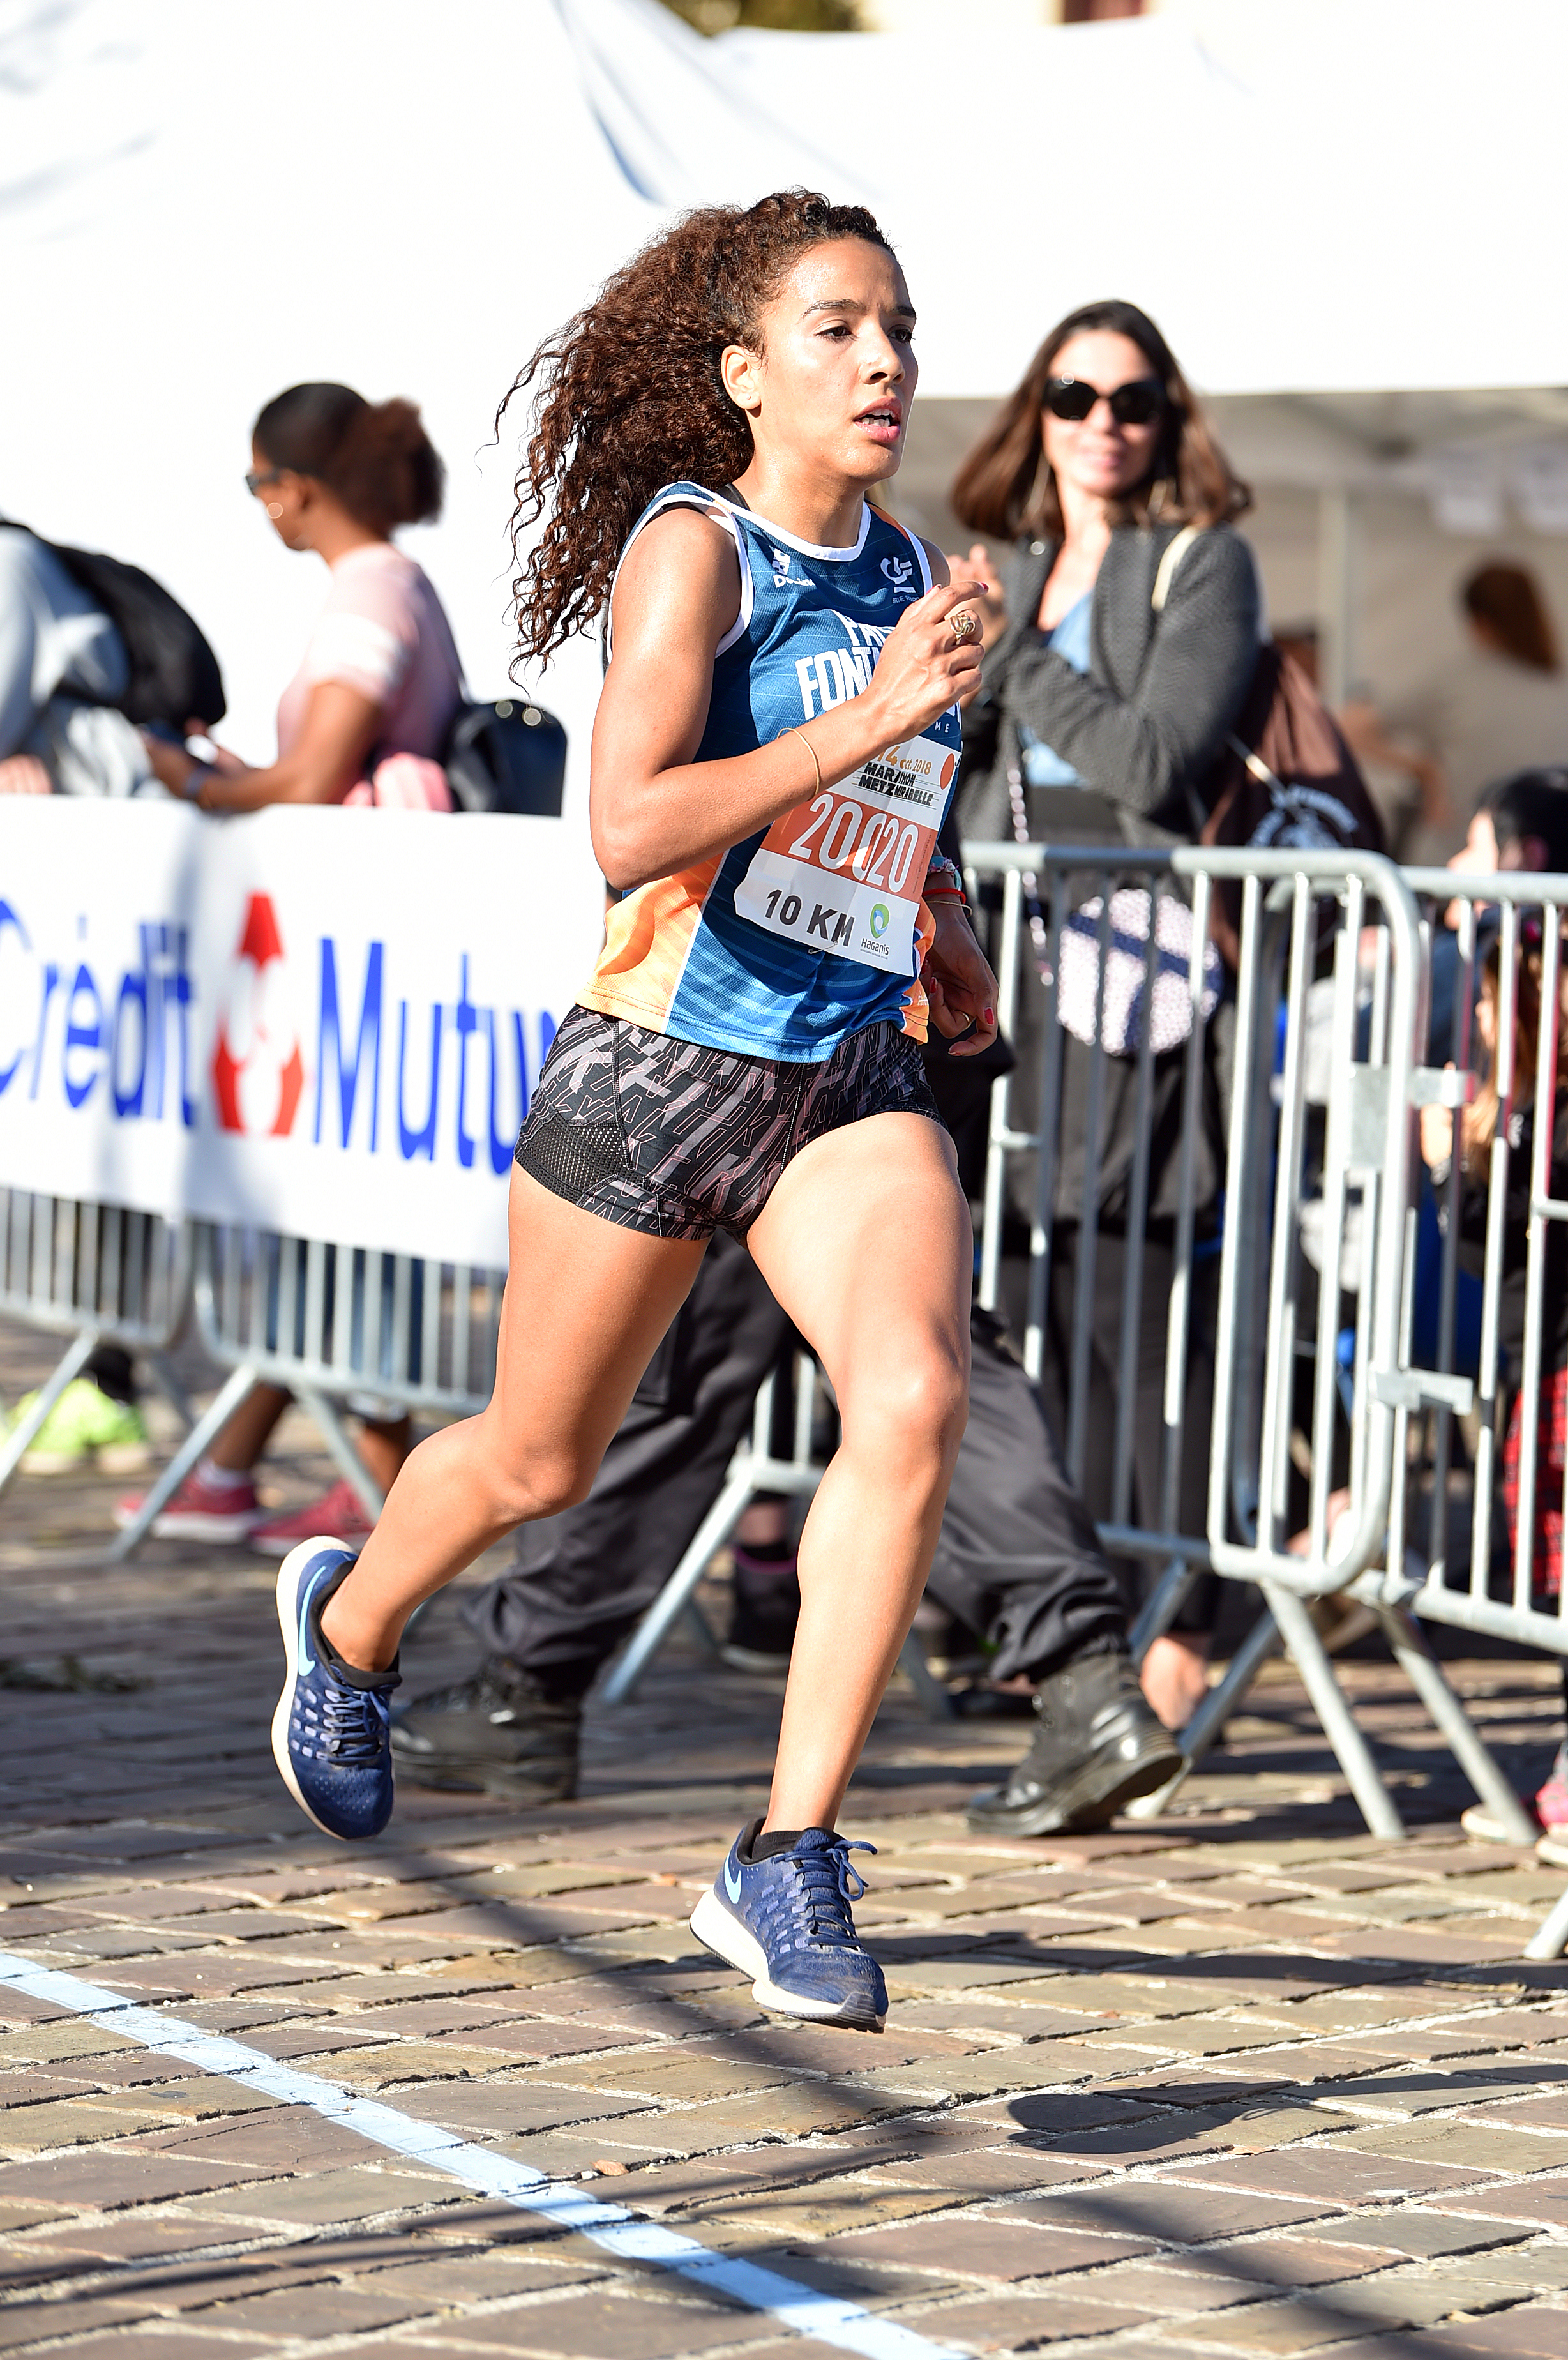 Leila Hadji première femme à boucler la distance de 10km avec un temps de 35min39sec95